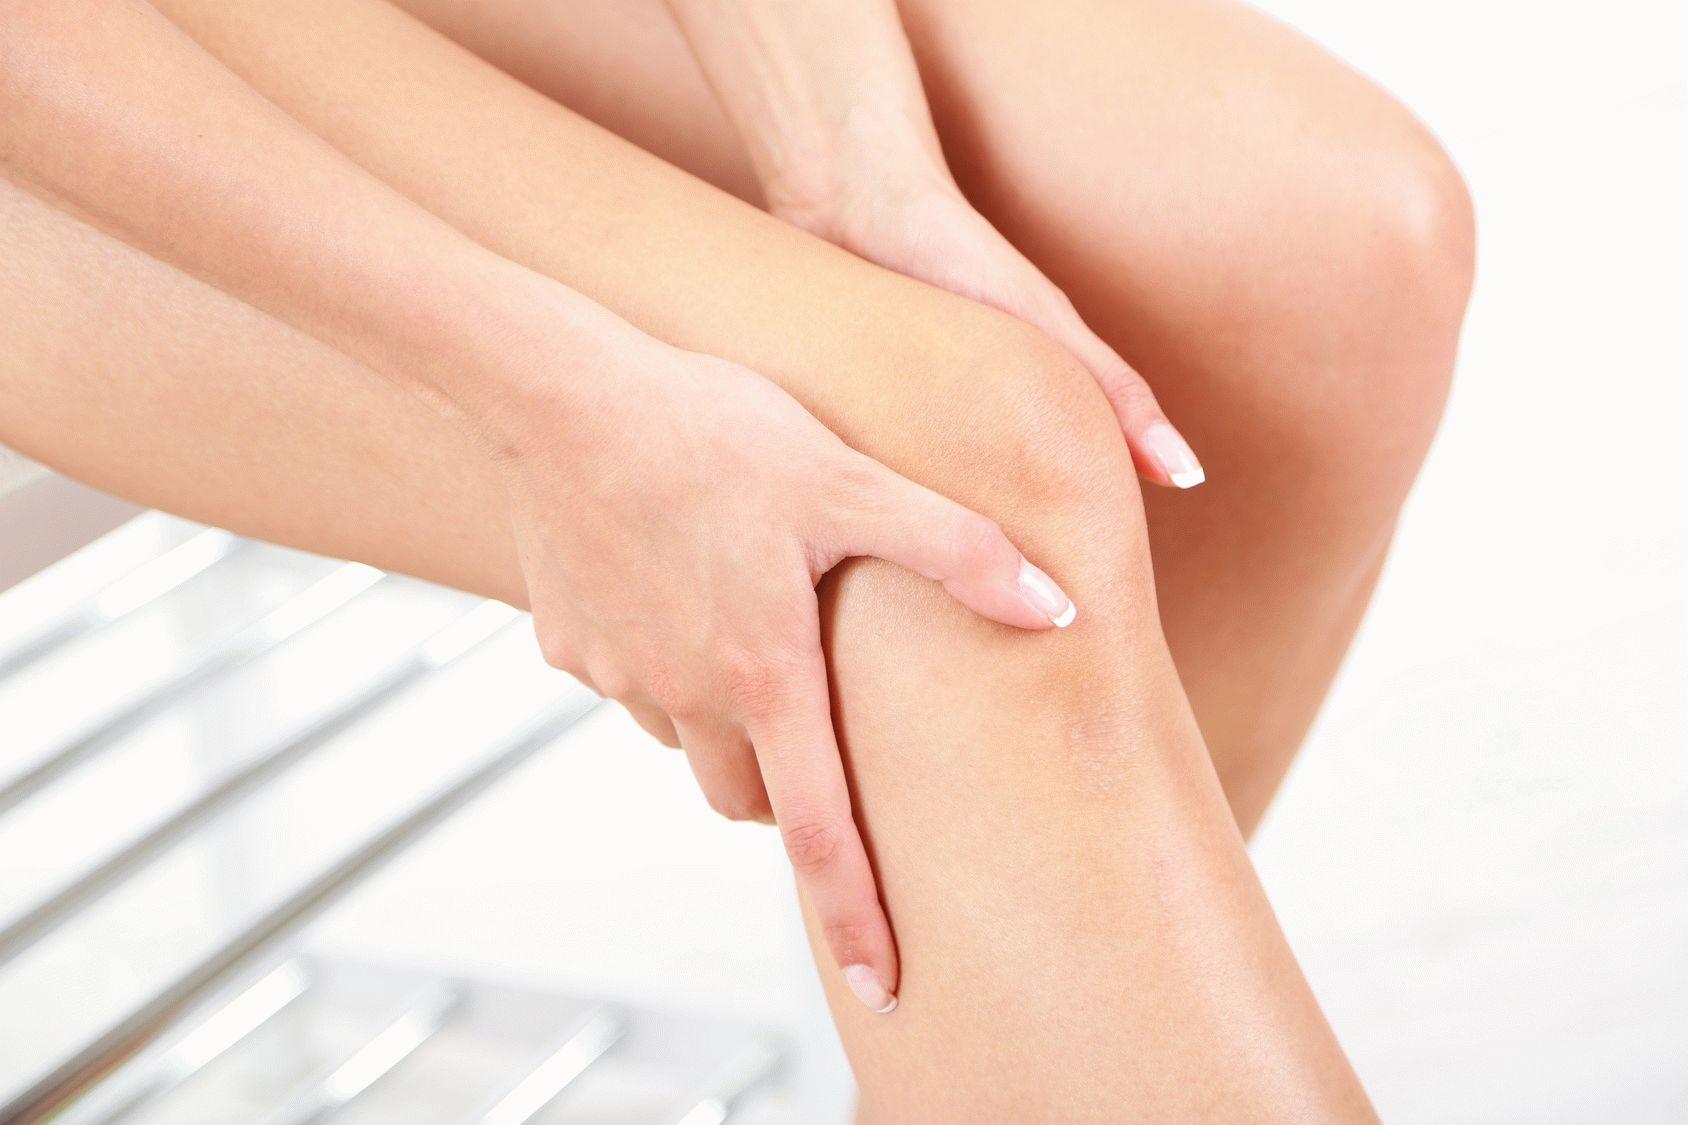 амоксиклав и боли в ногах